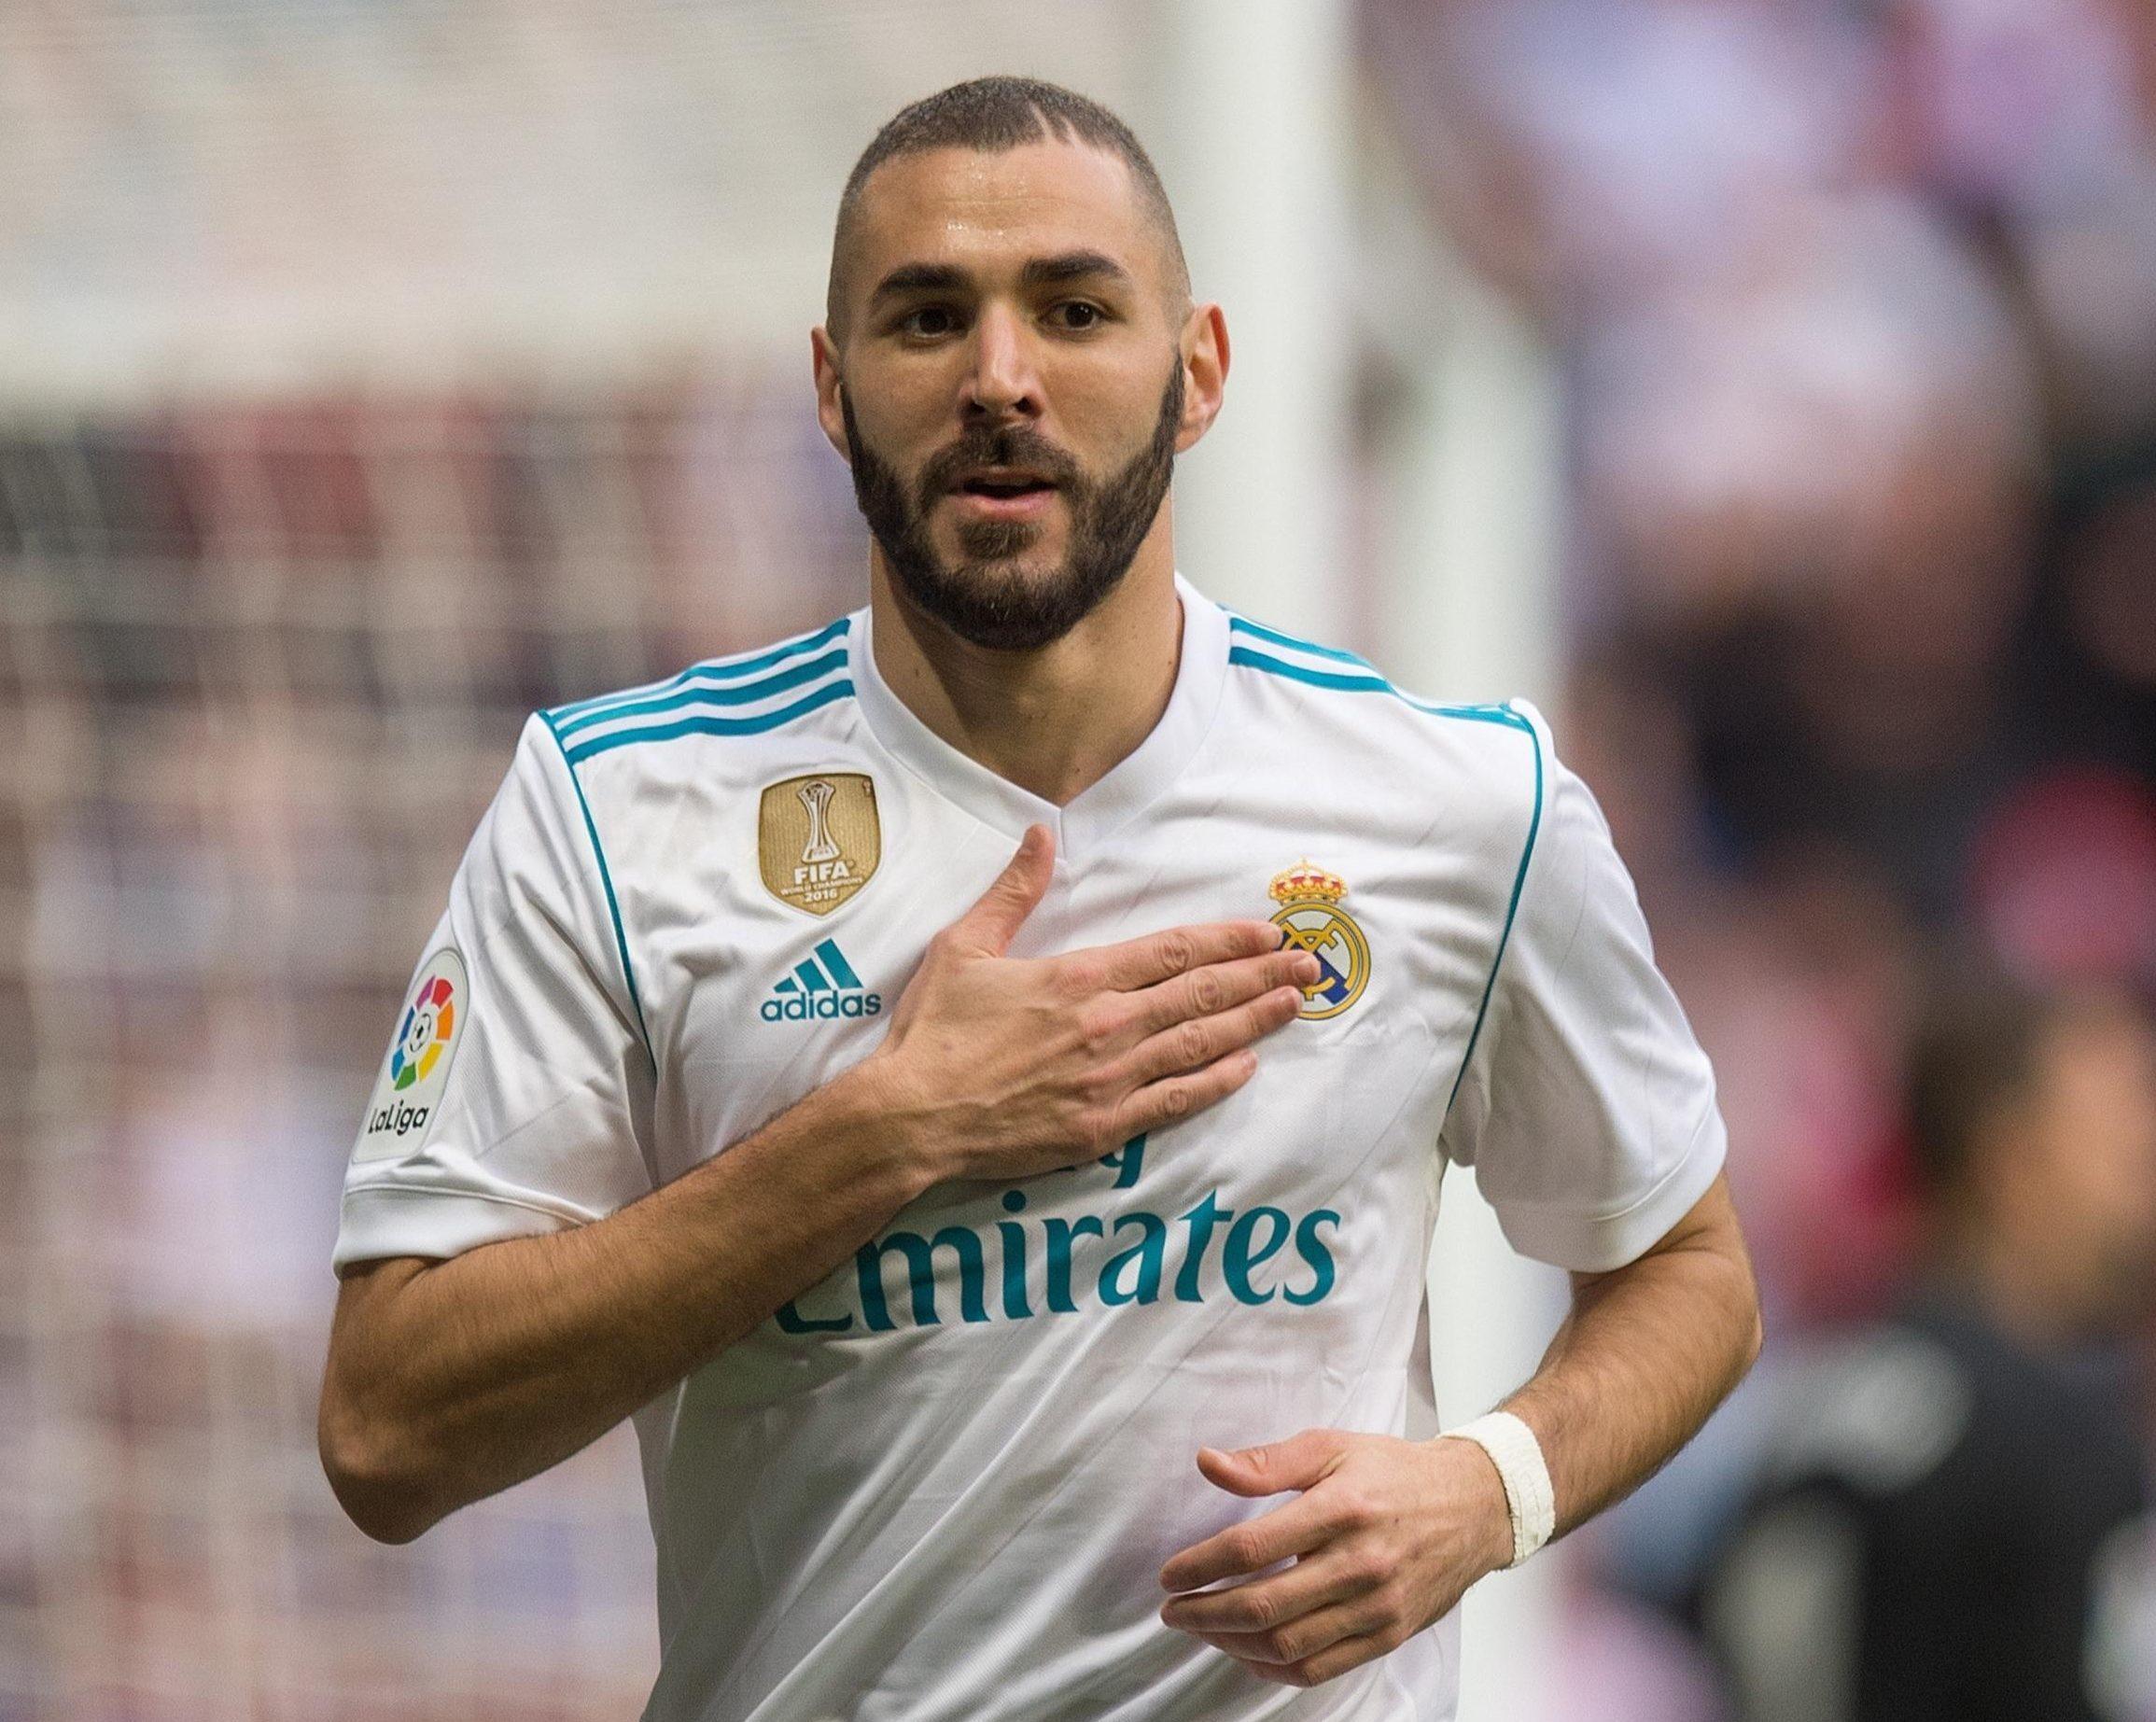 Marca. Բենզեման շուտով կերկարաձգի պայմանագիրը